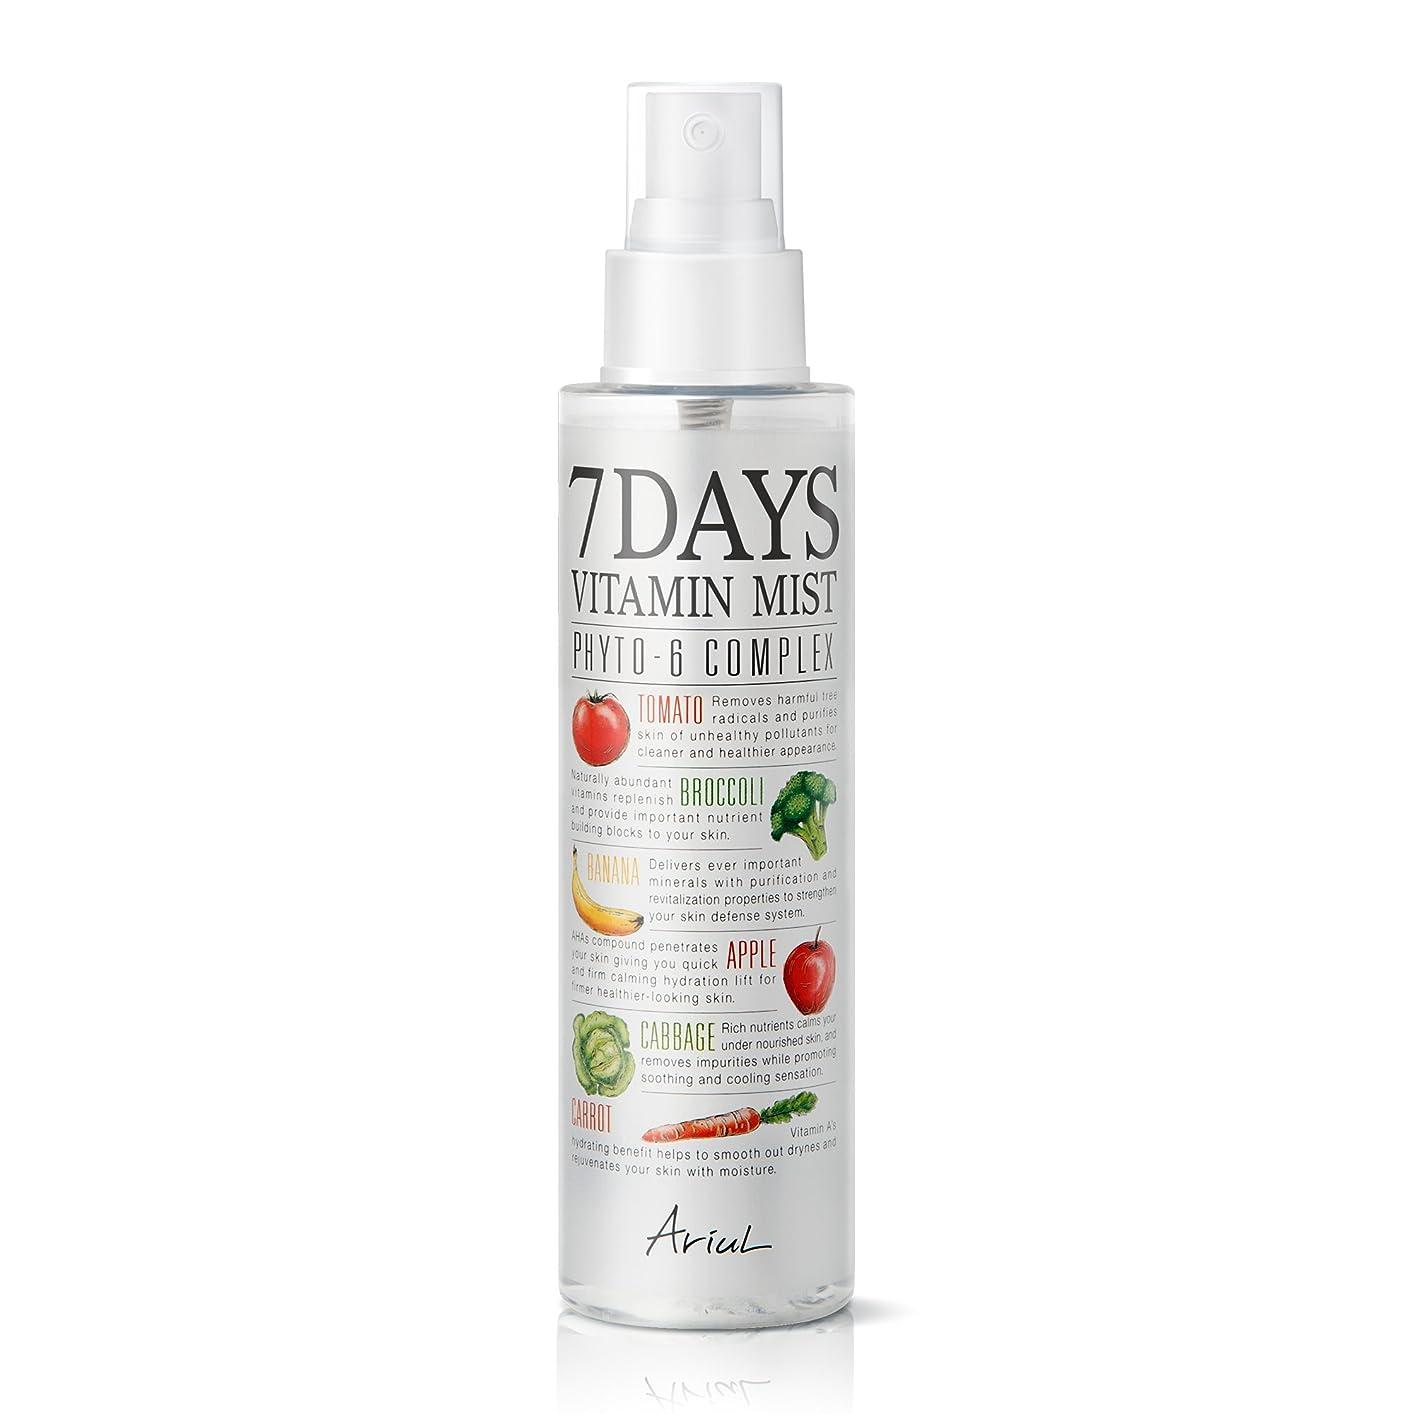 電信おなかがすいたそれるアリアル 7デイズビタミンミスト150ml / Ariul Natural Facial Face Mist 7 Days Vitamin Mist [並行輸入品]